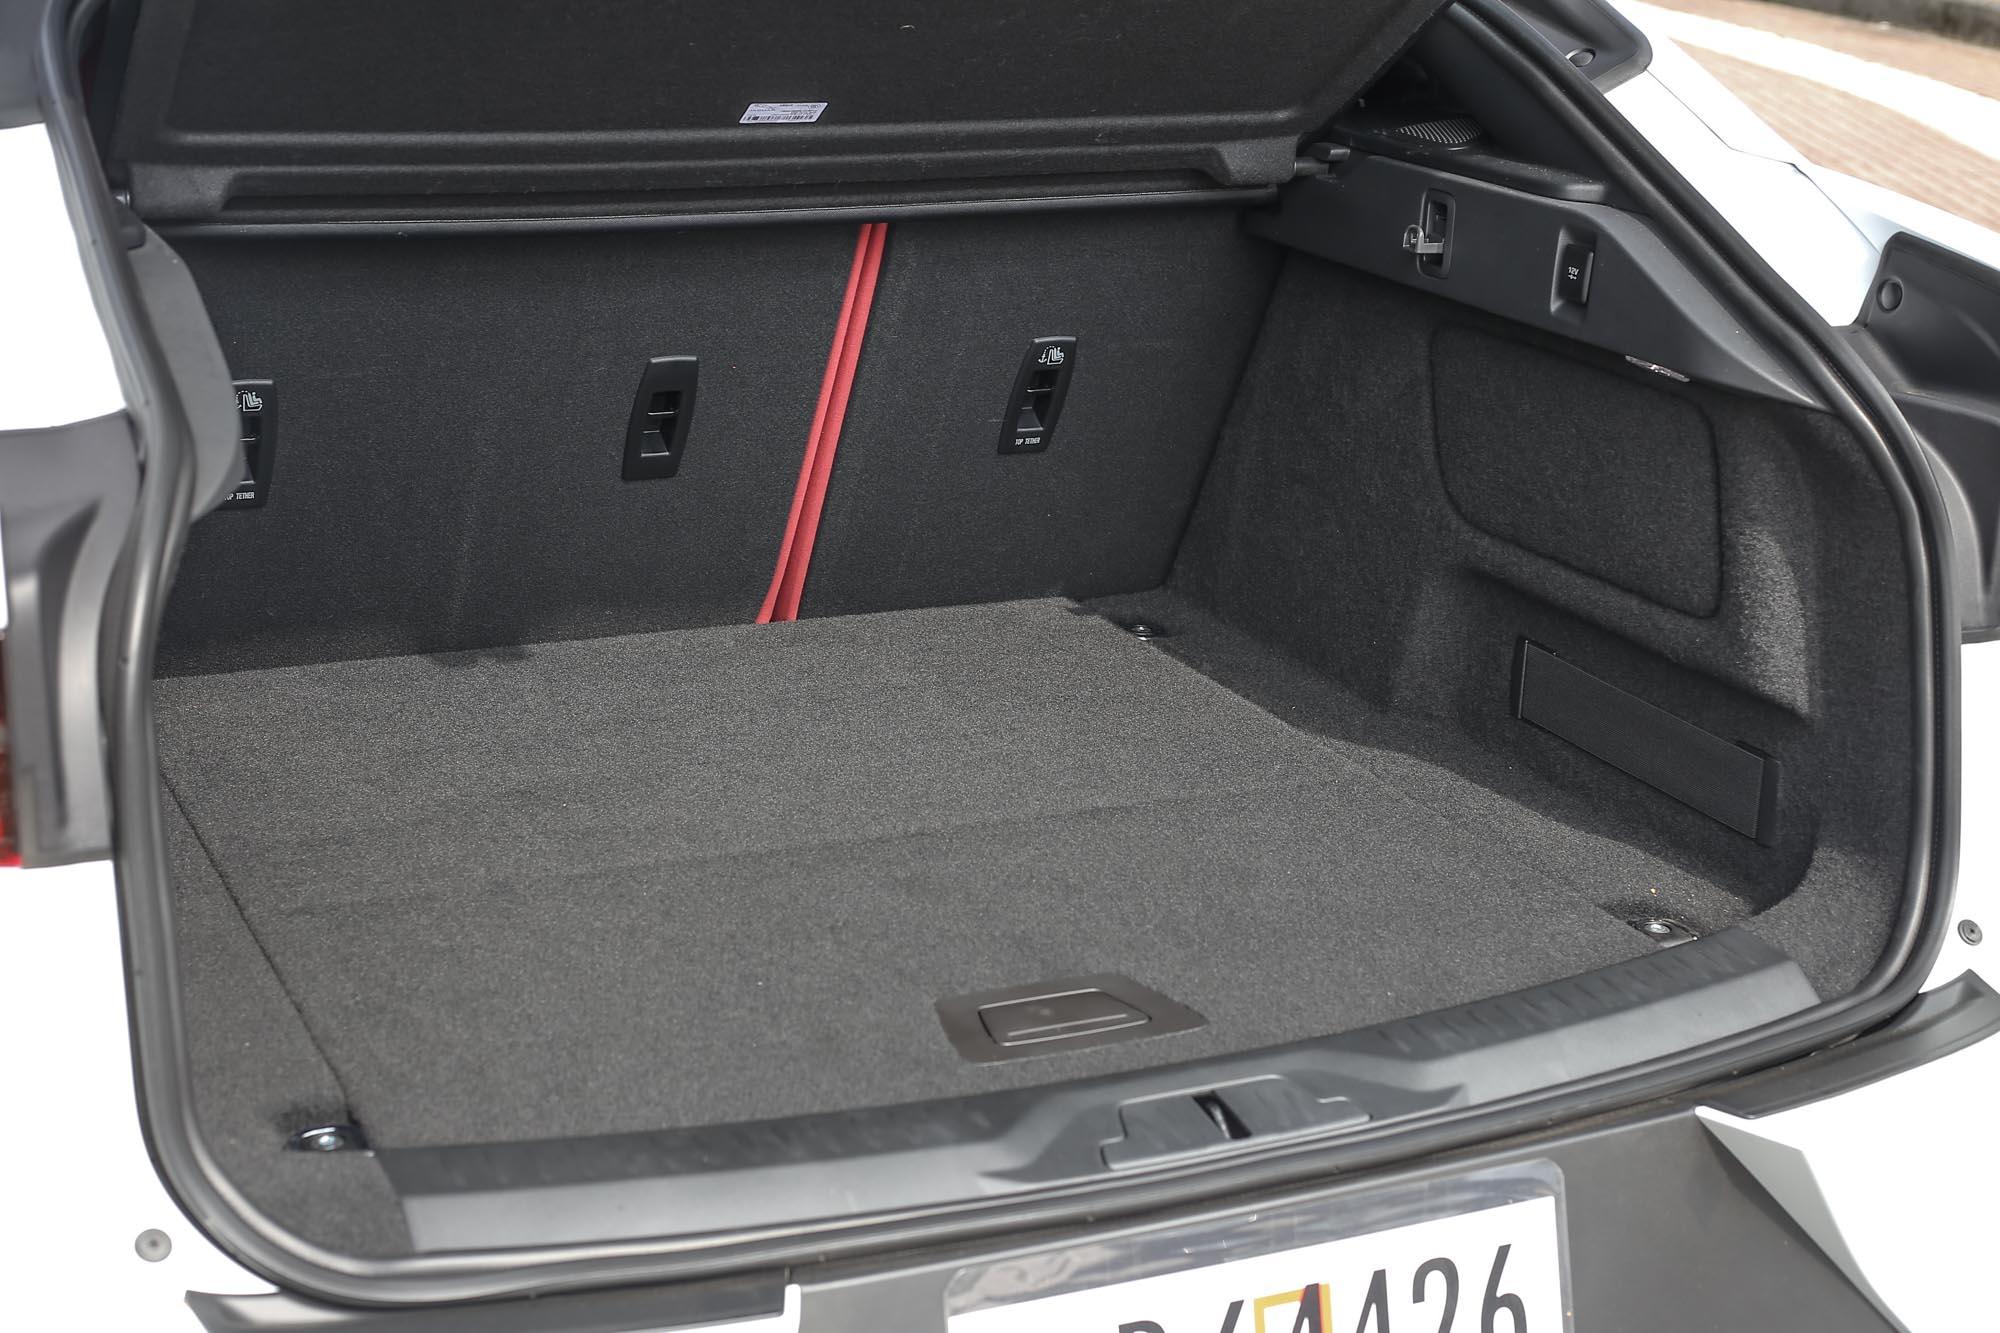 前後皆有置物空間,也是電動車的優勢之一。